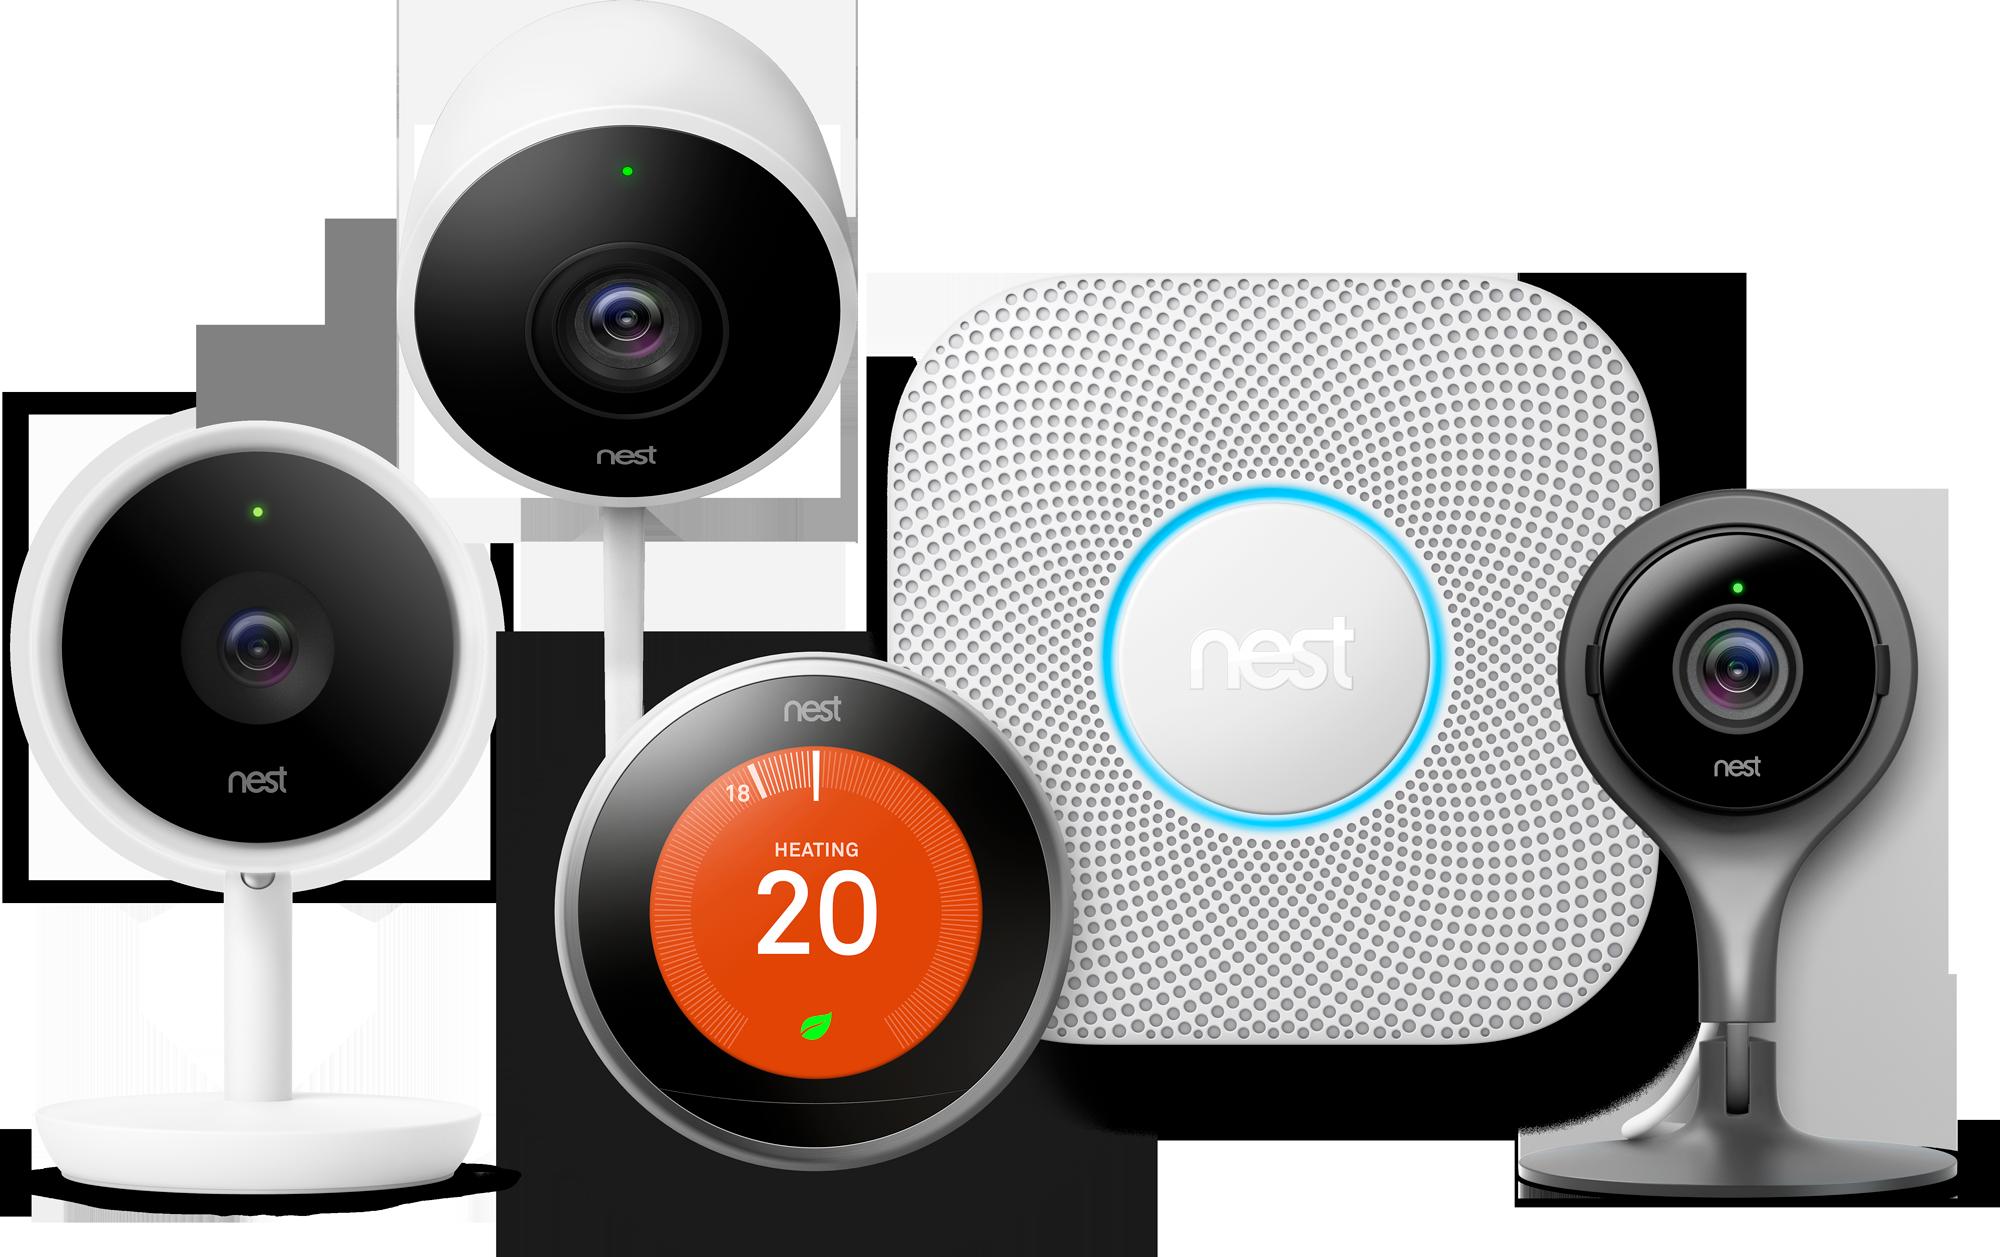 Google Nest Product Range